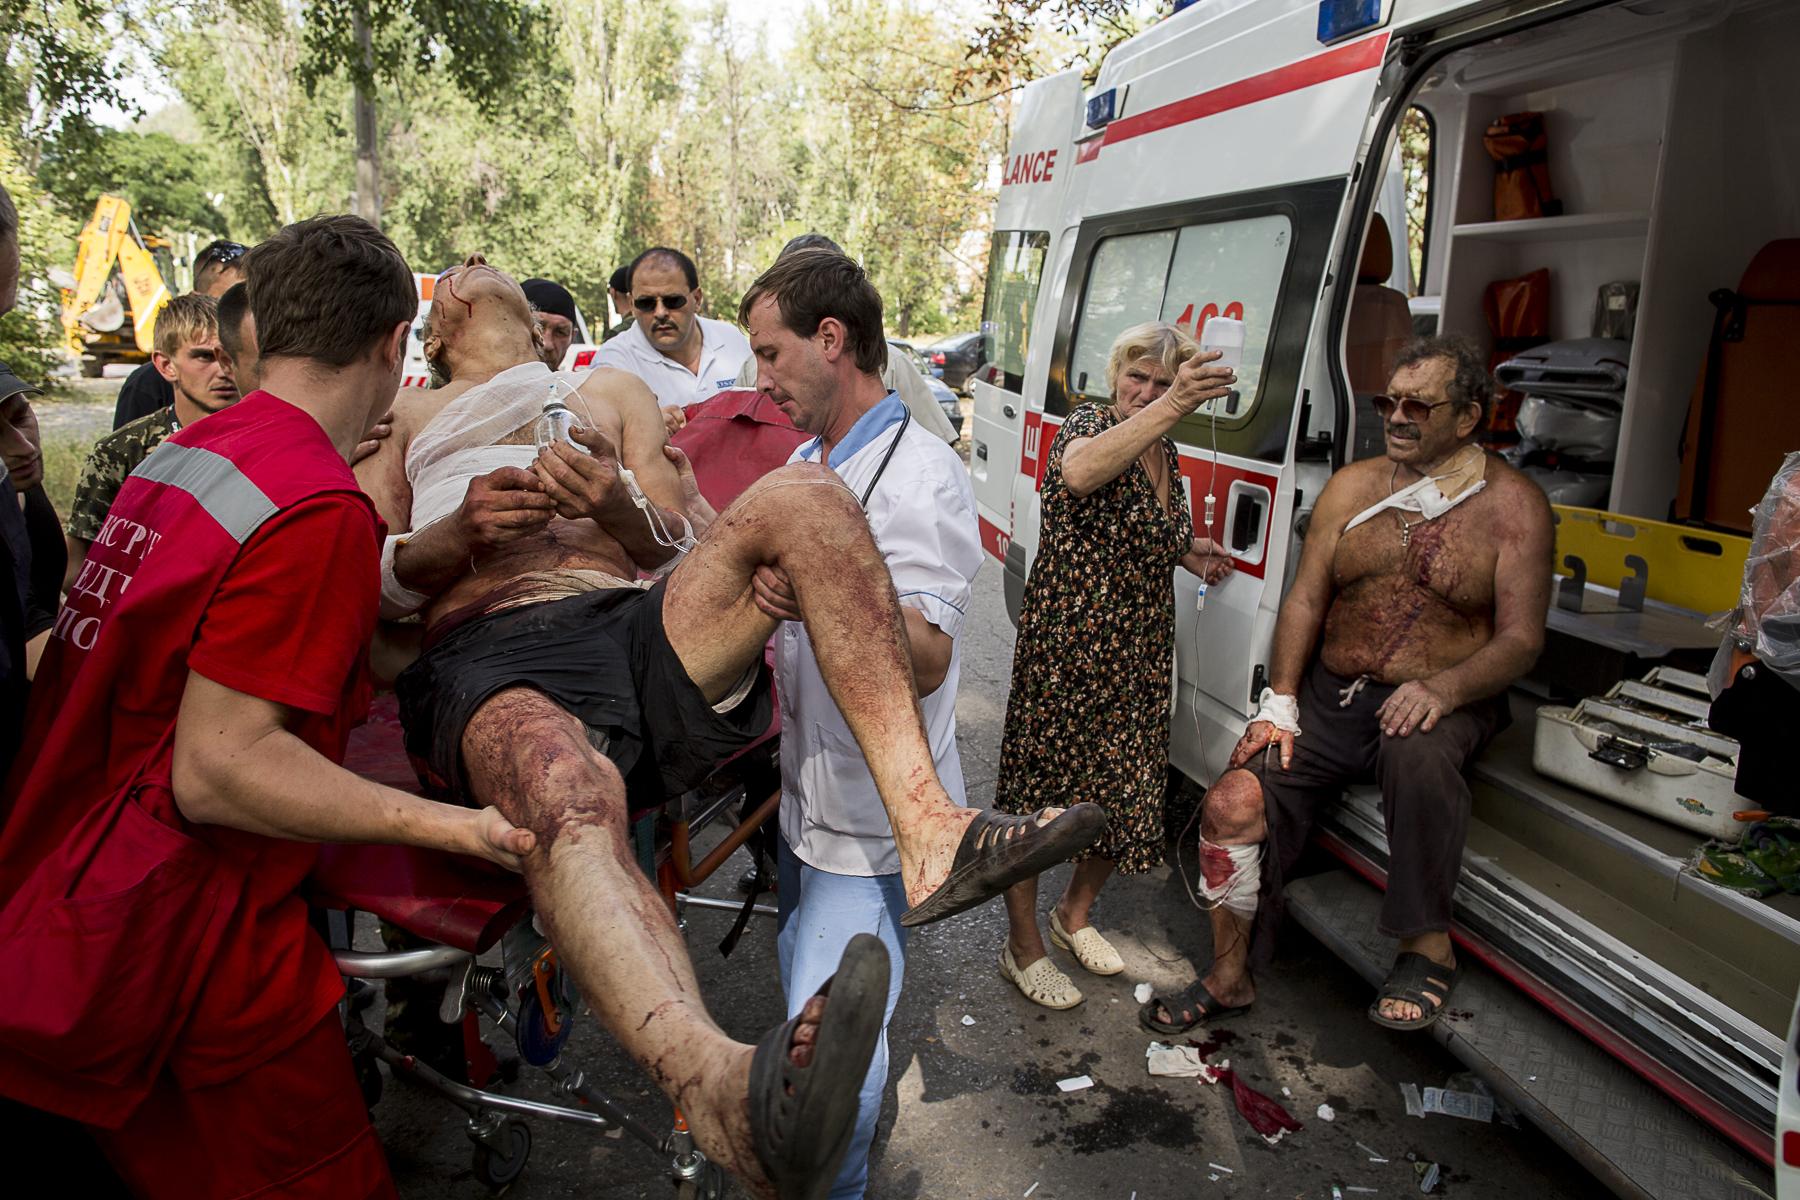 Dans le quartier de Troudovsky le Pope Alexander,ainsi que sa femme et des voisins se cachent dans un abris au cours d\'un bombardement de l\'armée, son église est partie en fumée quelque heures plus tôt./ Enterrement de la famille Kovalenko, tuée trois jours plus tôt (samedi 23) le père Alexandre, 37, la mère Irina 27 Kristina 1à ans et Alexandra presque 6 ans, ils profitaient de la fin d\'après-midi dans le parc devant leur imeuble quand ils furent tués par le bombardement...